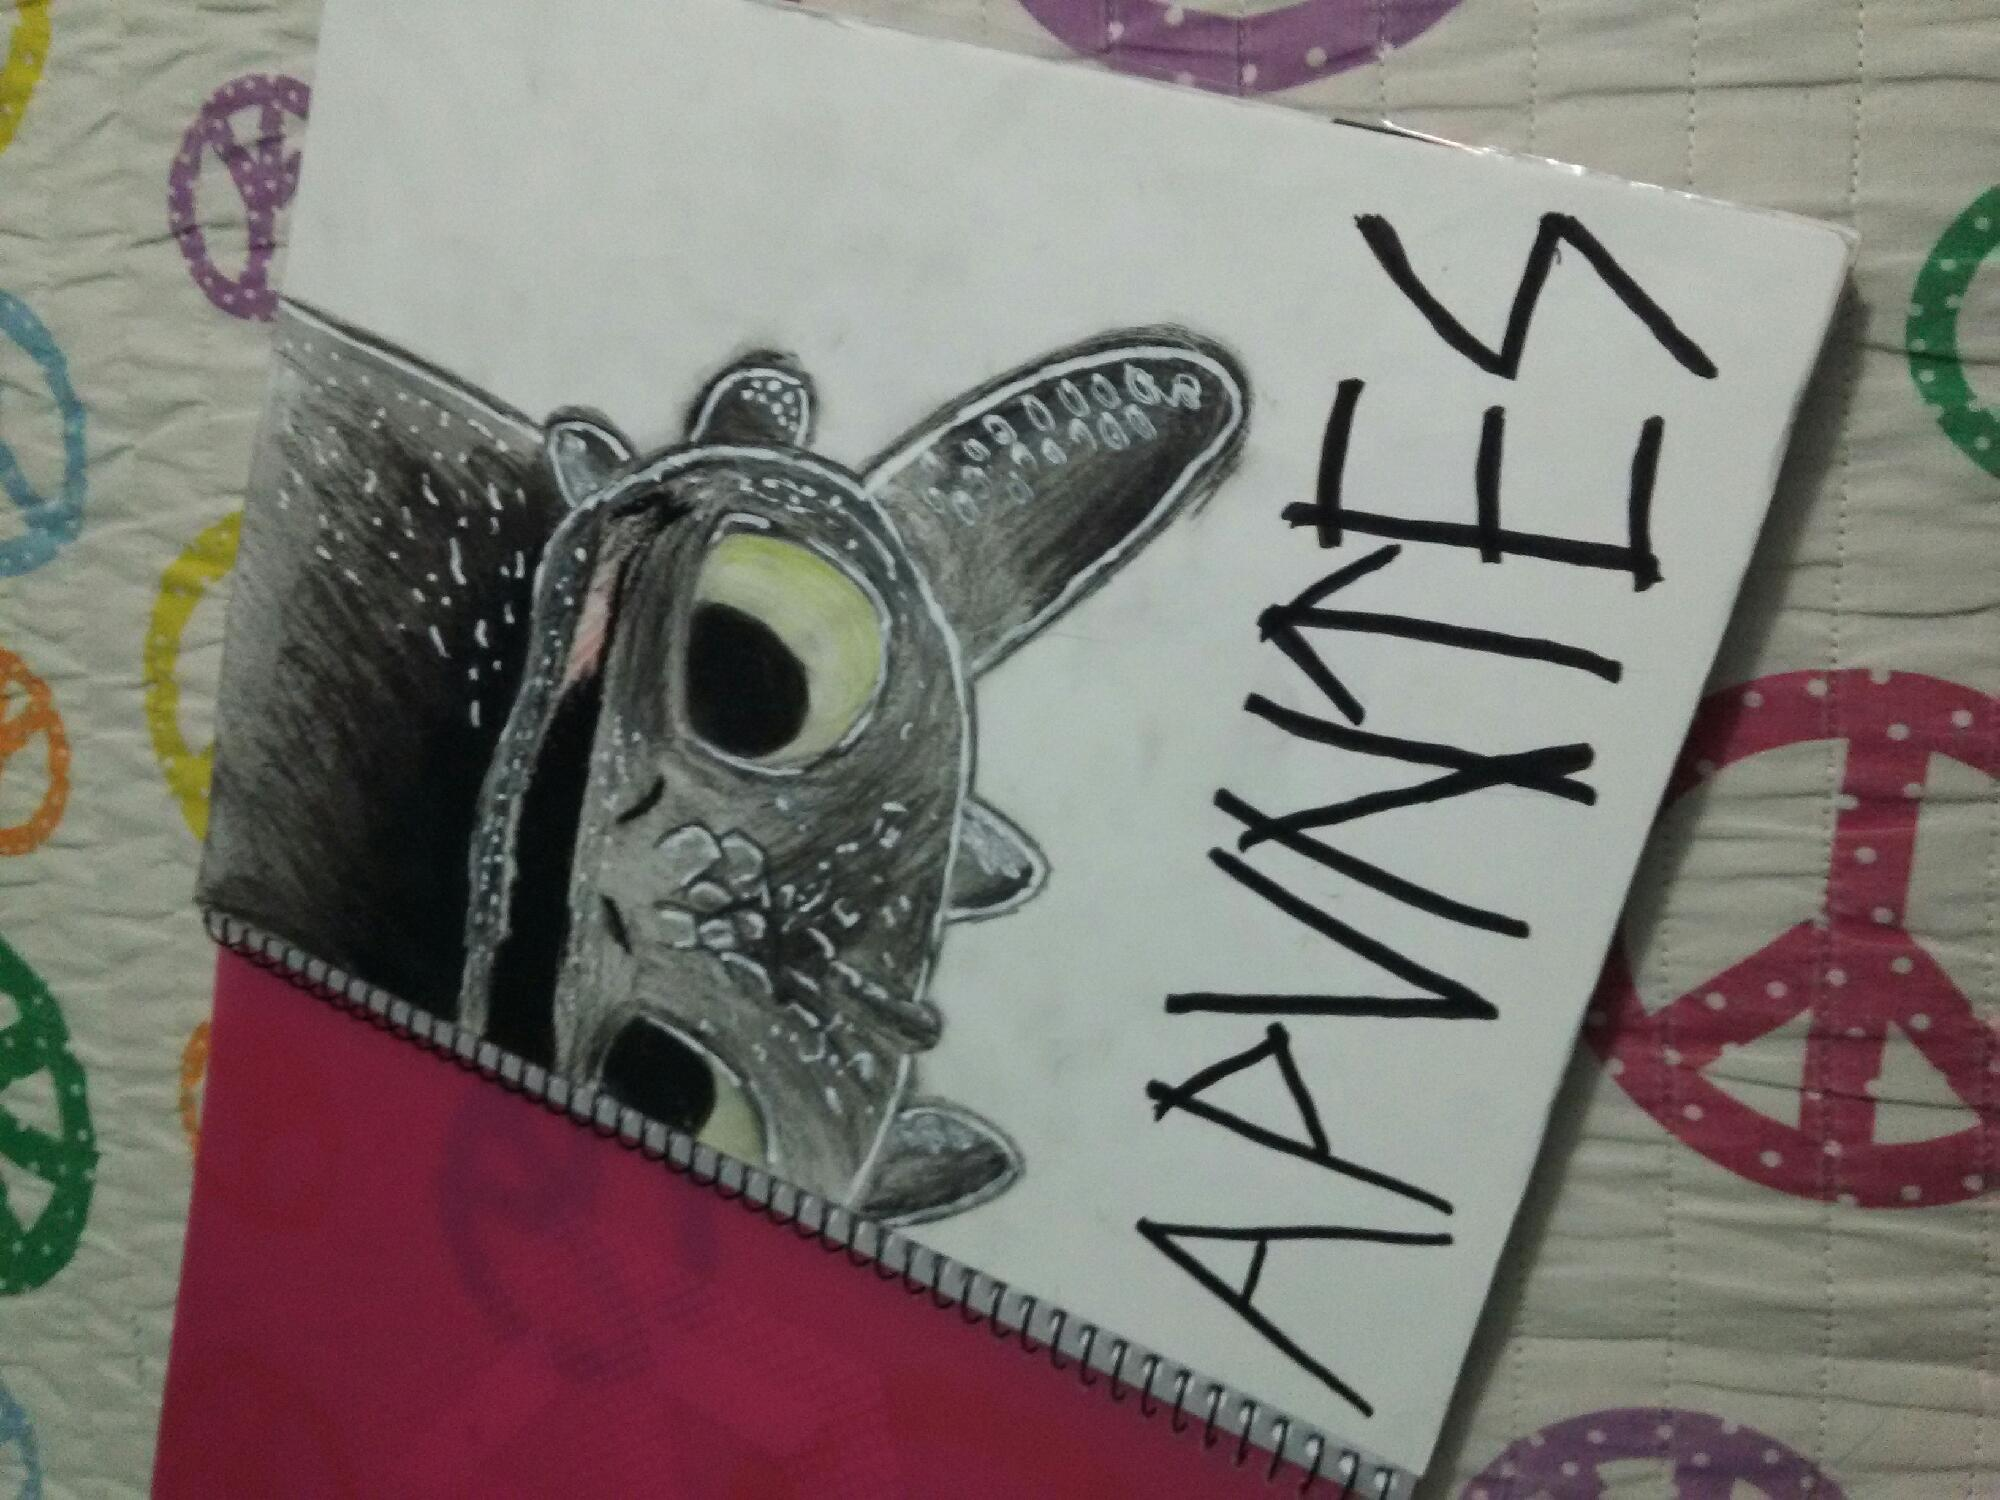 Les gusta el cuaderno?